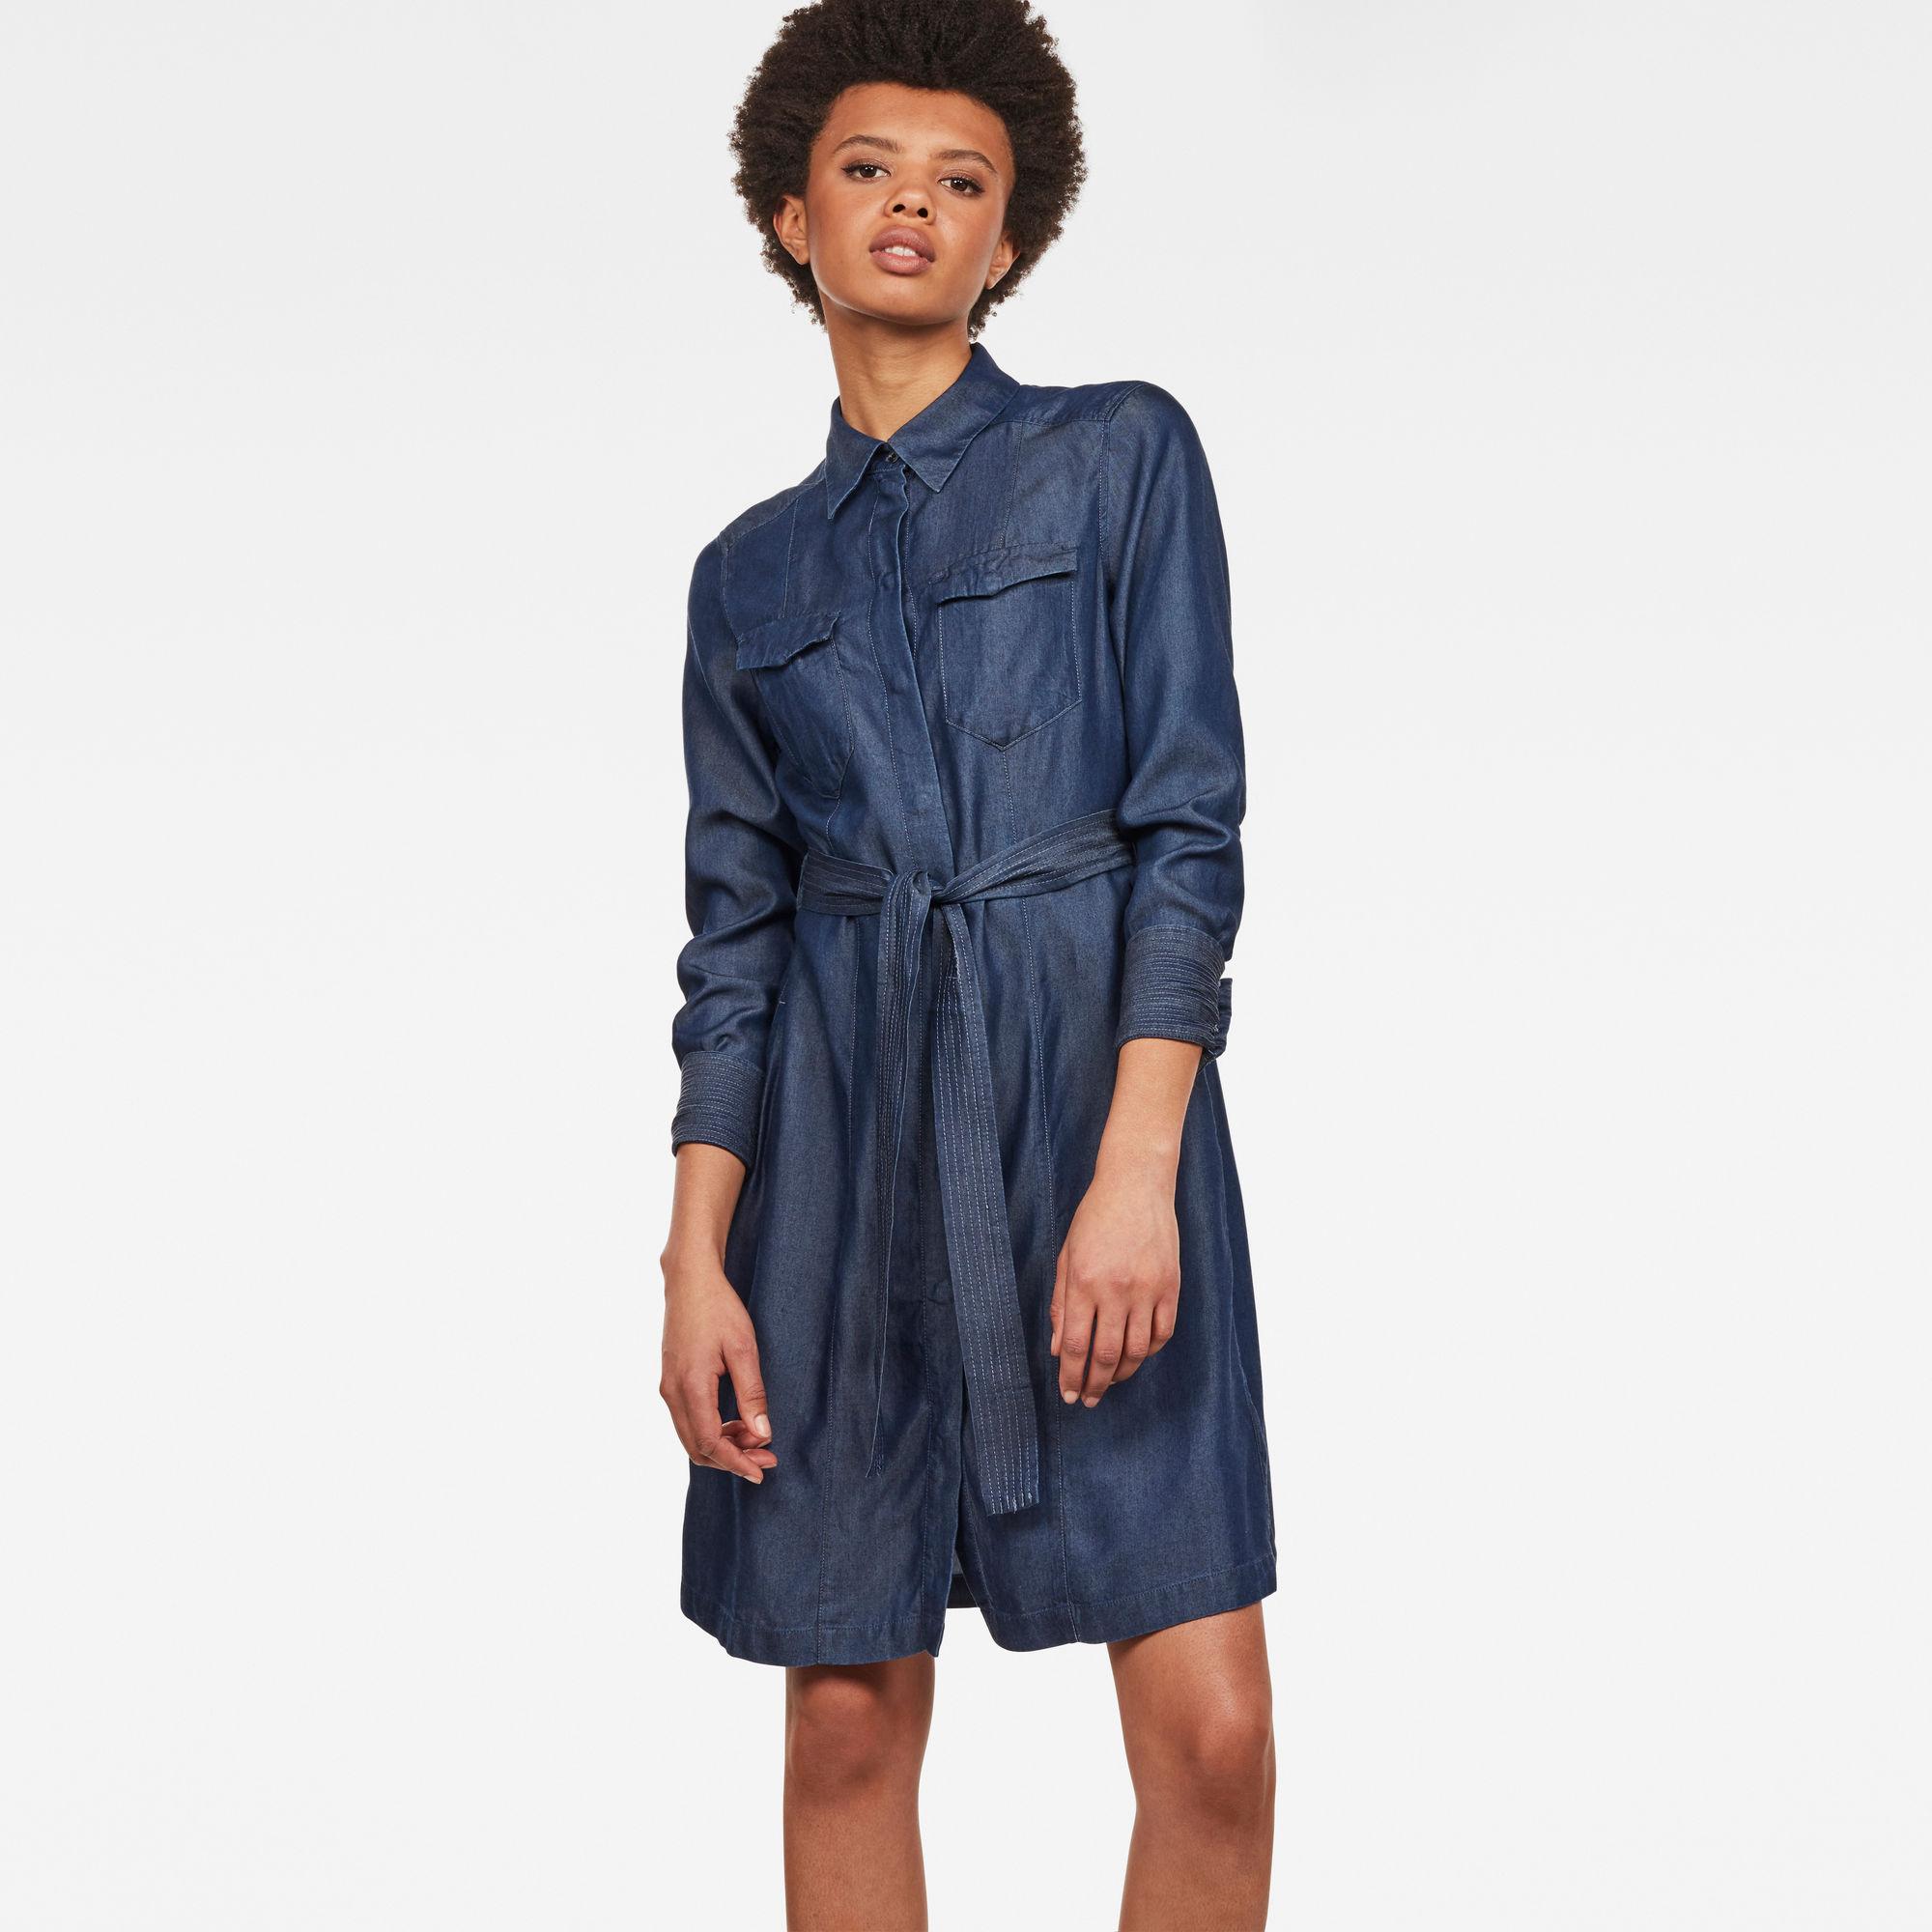 Tacoma Straight Flare Shirt Dress Jurken maat XXS van G-Star RAW snel en voordelig in huis? Hier lukt het direct